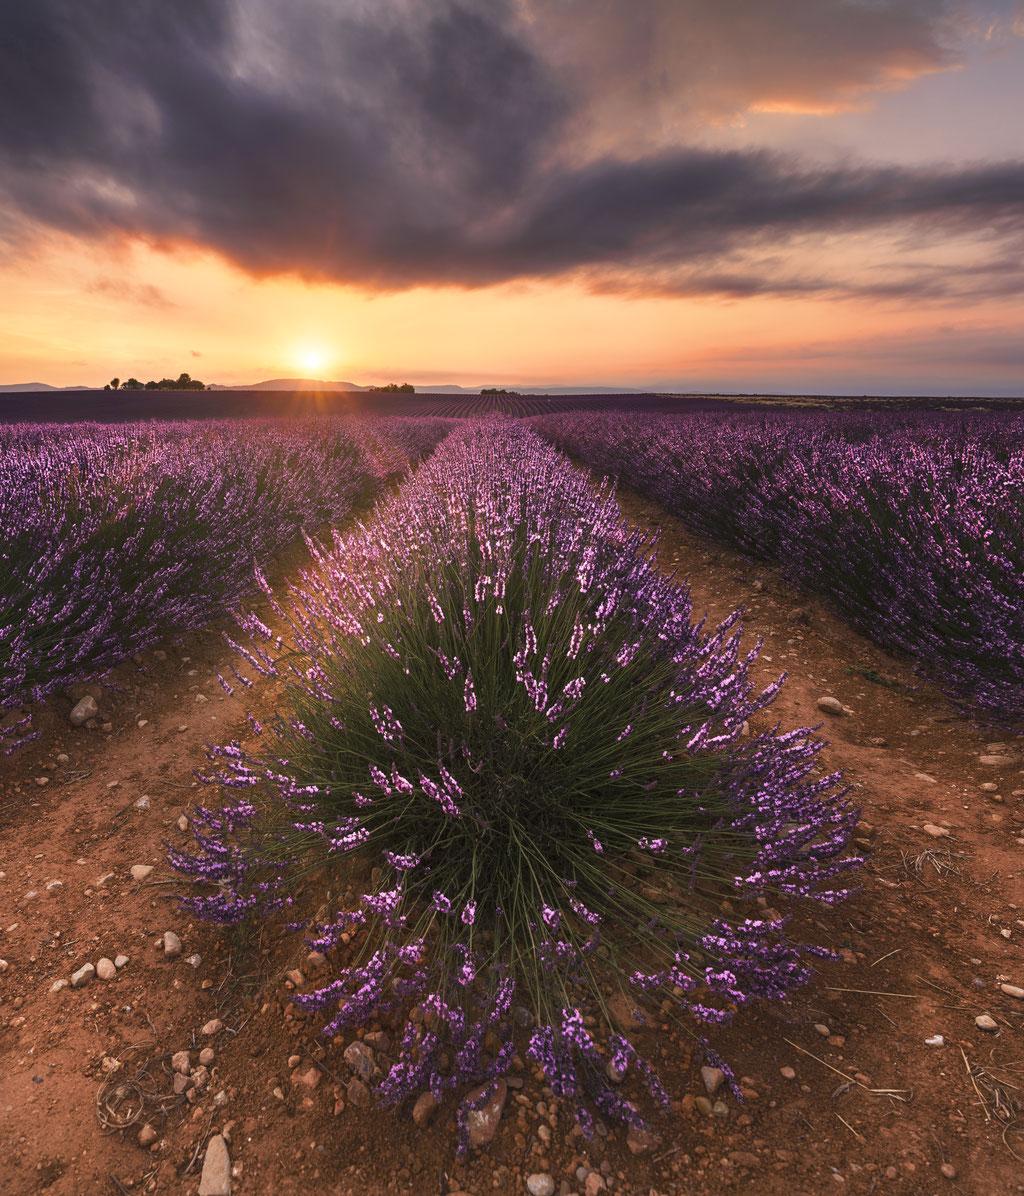 Plateau de Valensole  (Alpes de Haute provence-France) © Arzur Michaël